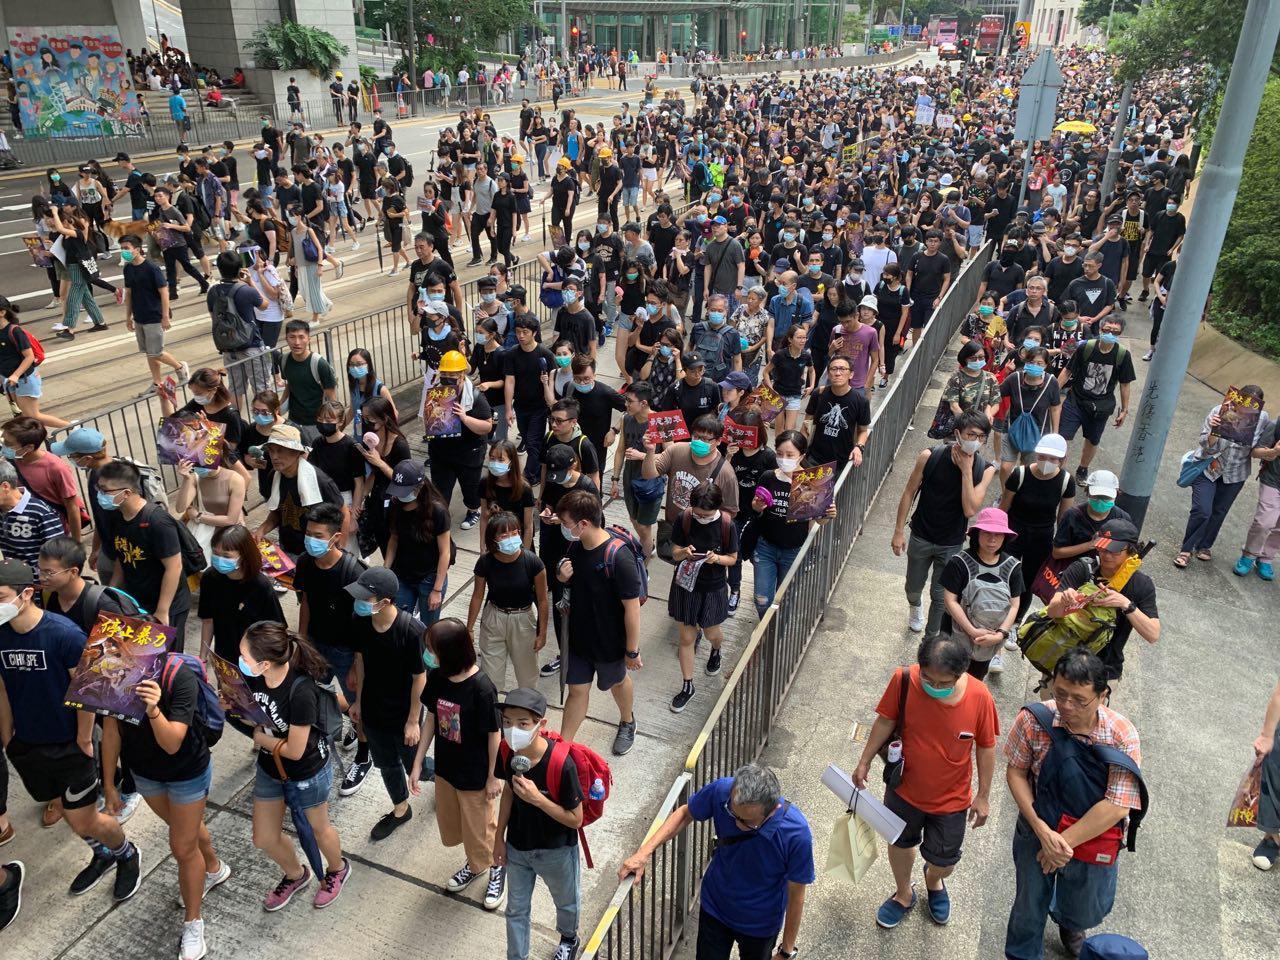 香港遮打花園舉行反送中集會,花園外壯觀的遊行隊伍。(駱亞/大紀元)